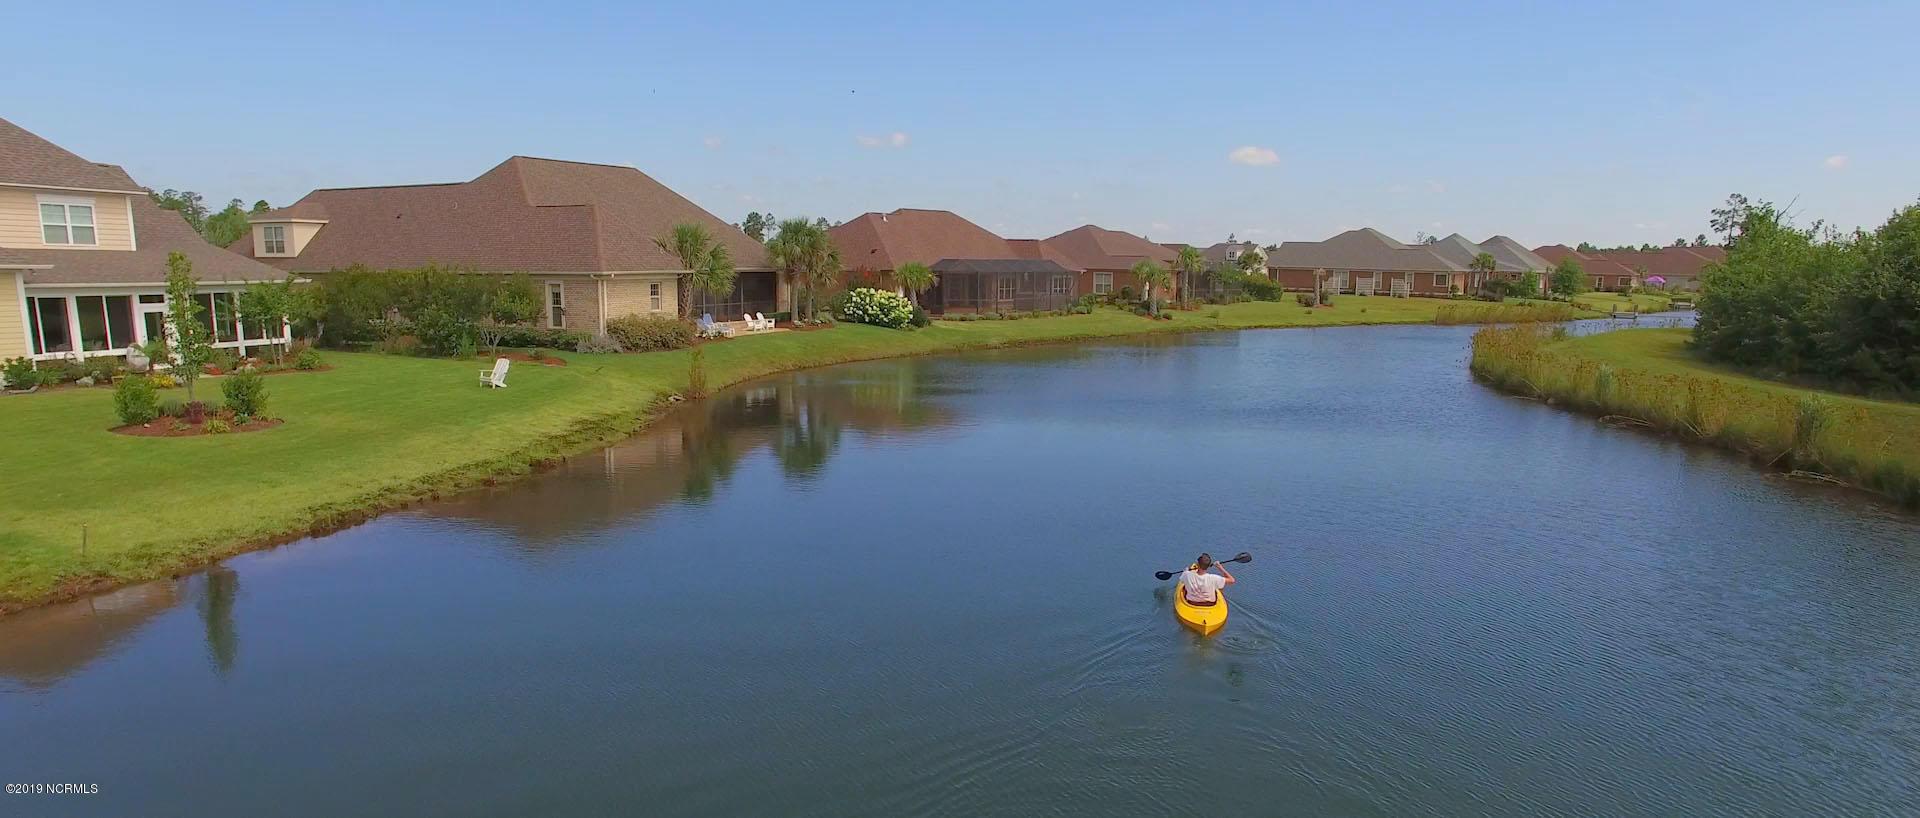 yellow_kayak